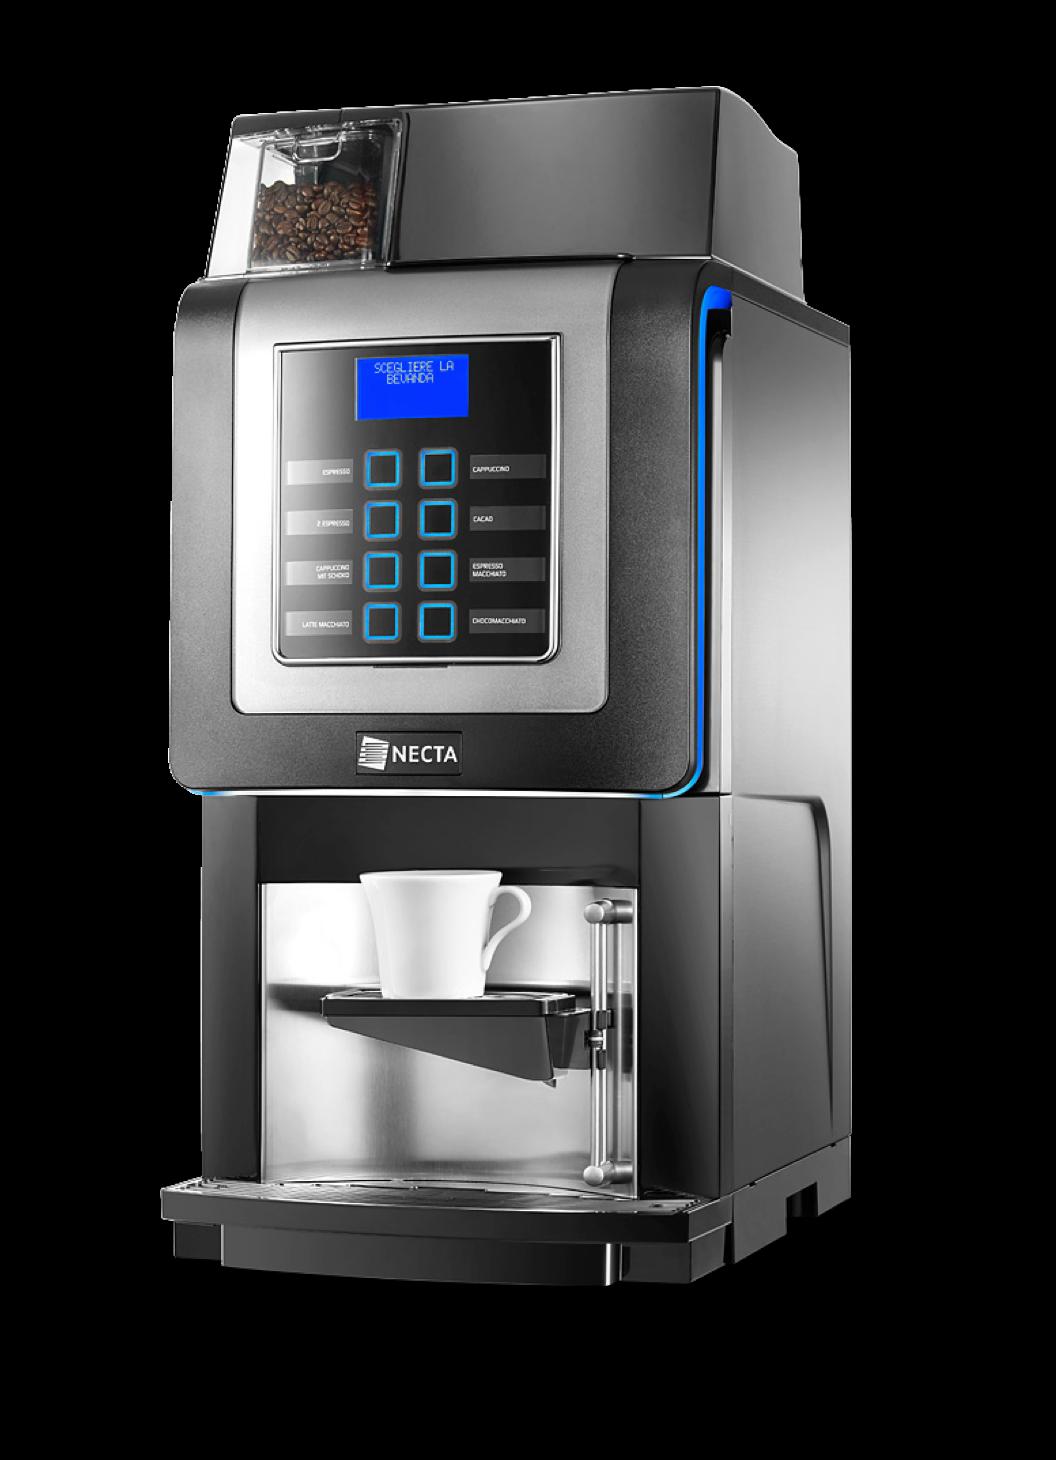 Korinoprime espressomaskine til frisk mælk